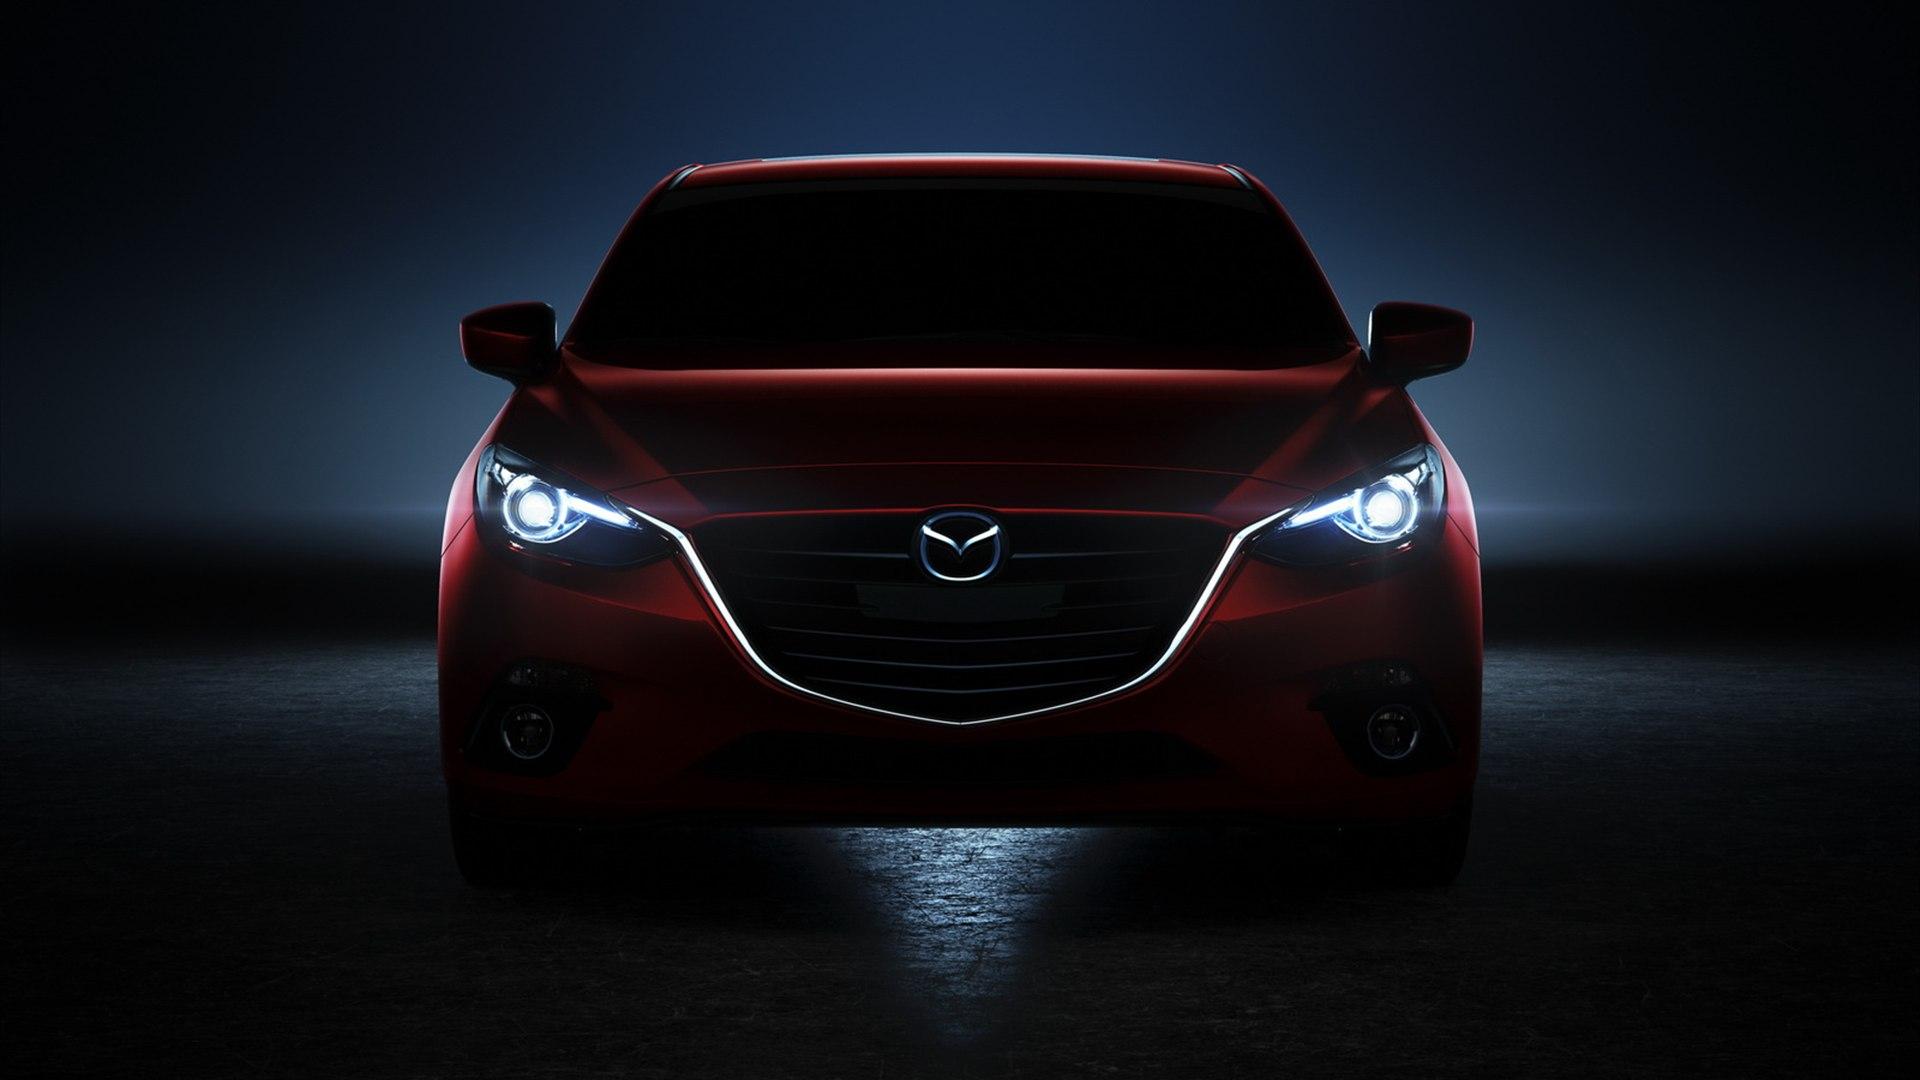 красный автомобиль фара Mazda CX-7 смотреть